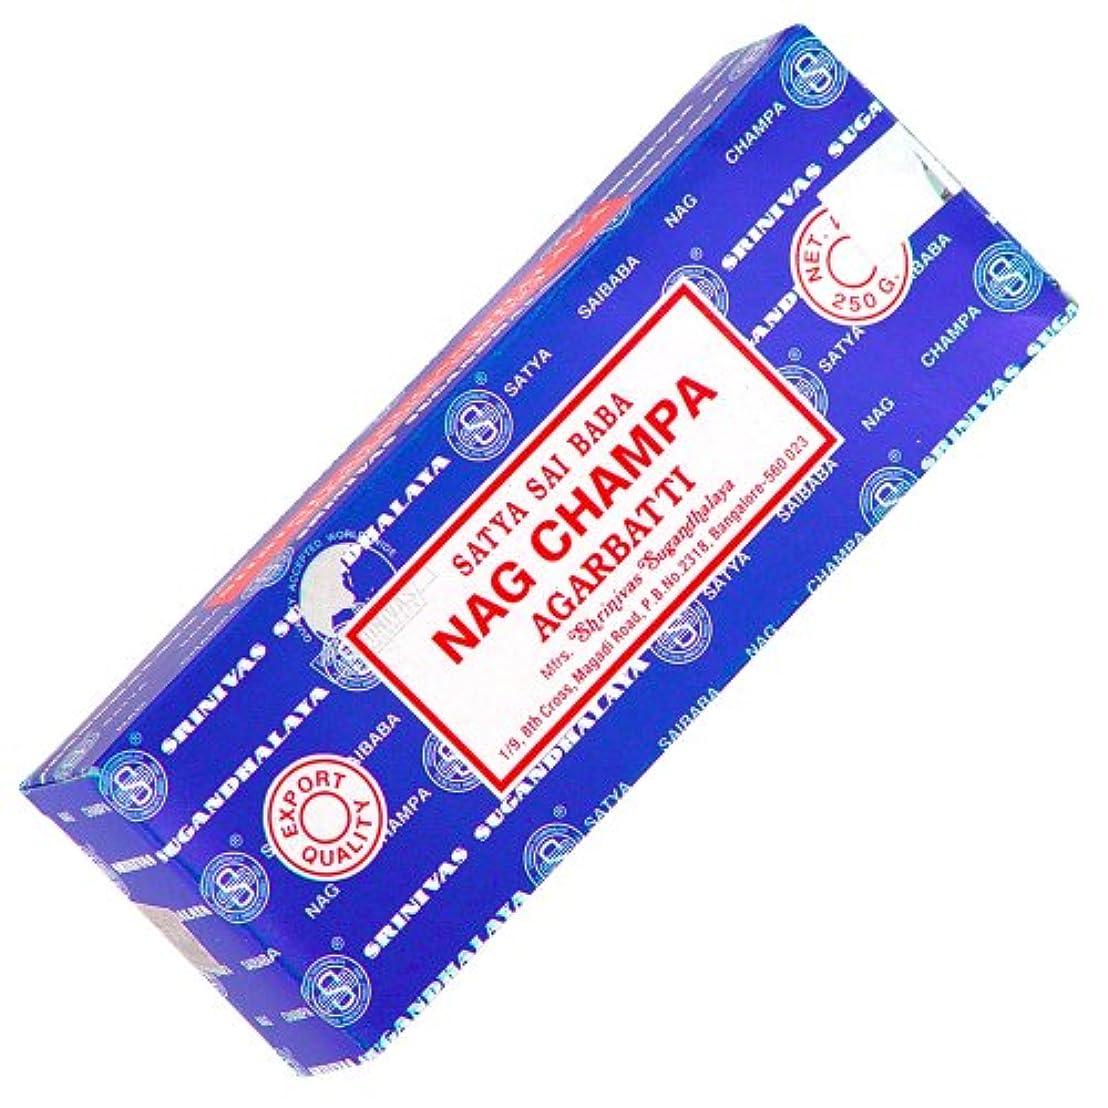 削除する容量デザイナーSatyaお香250 gr Nag Champa各